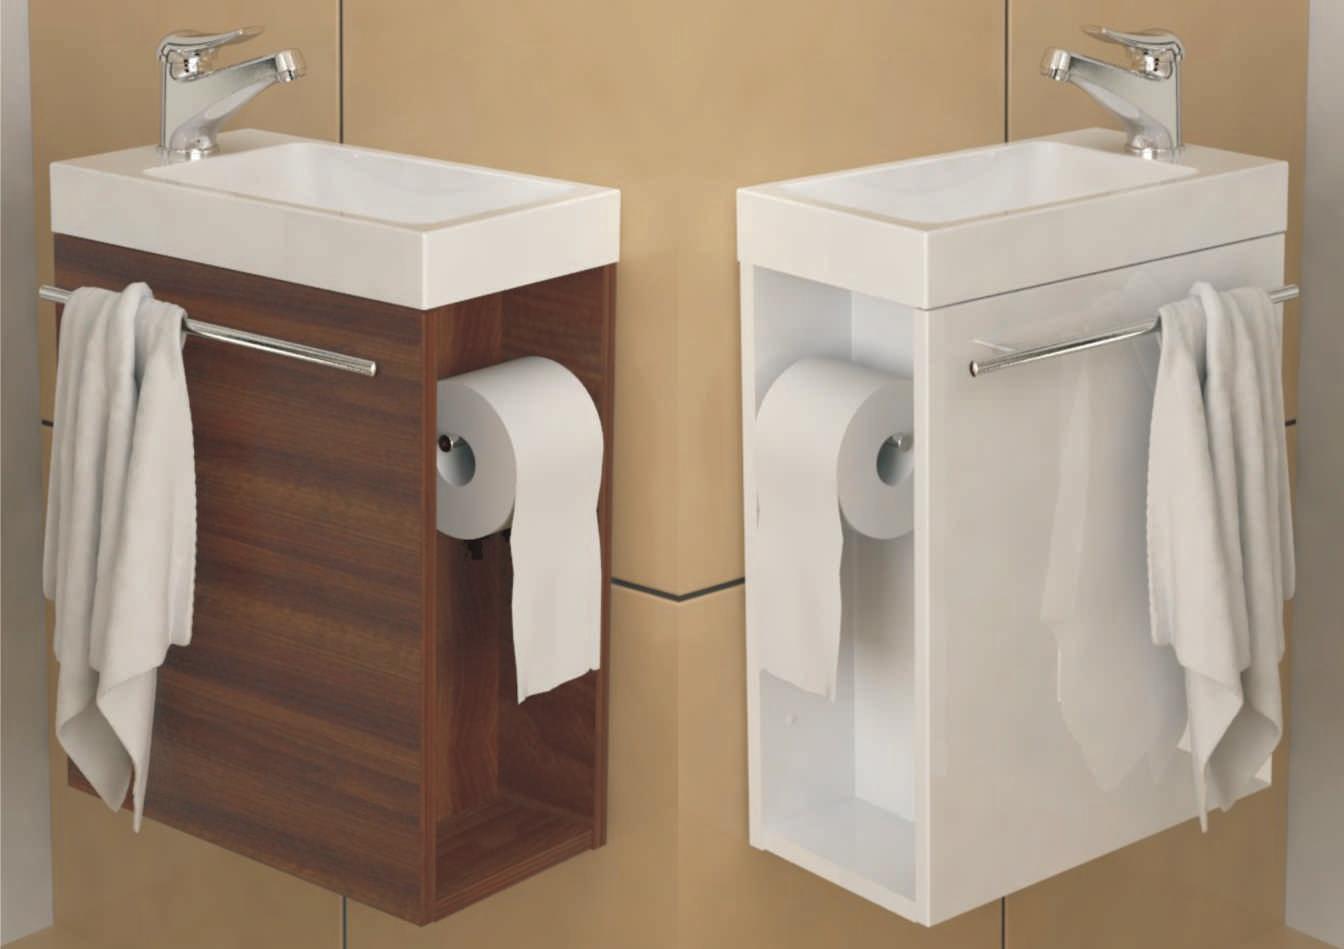 Super Mała łazienka Jak Tam Wszystko Zmieścić